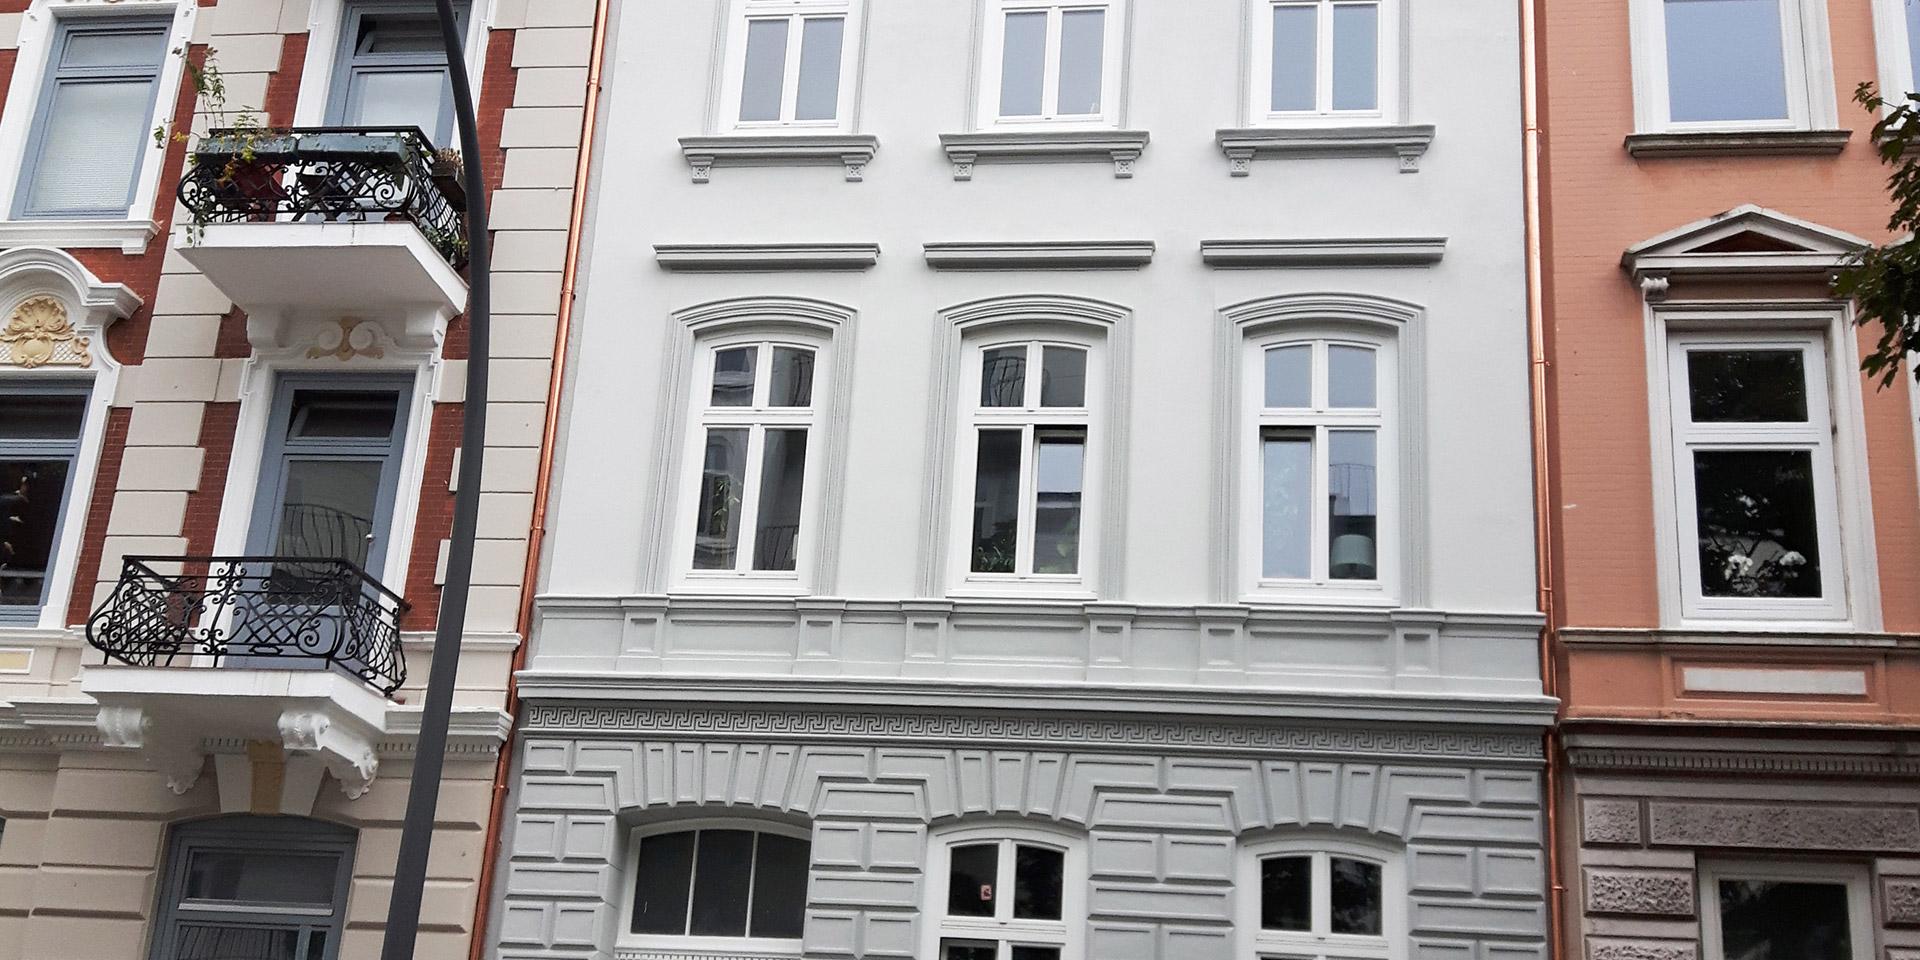 Claus Hein Malereibetrieb Leistung Fassadenarbeiten für Hamburg & Umgebung: Werterhalt durch Gewebelaminierung, Putze und Fassadenanstriche mit Beschichtungssystemen, Graffiti-Entfernung.